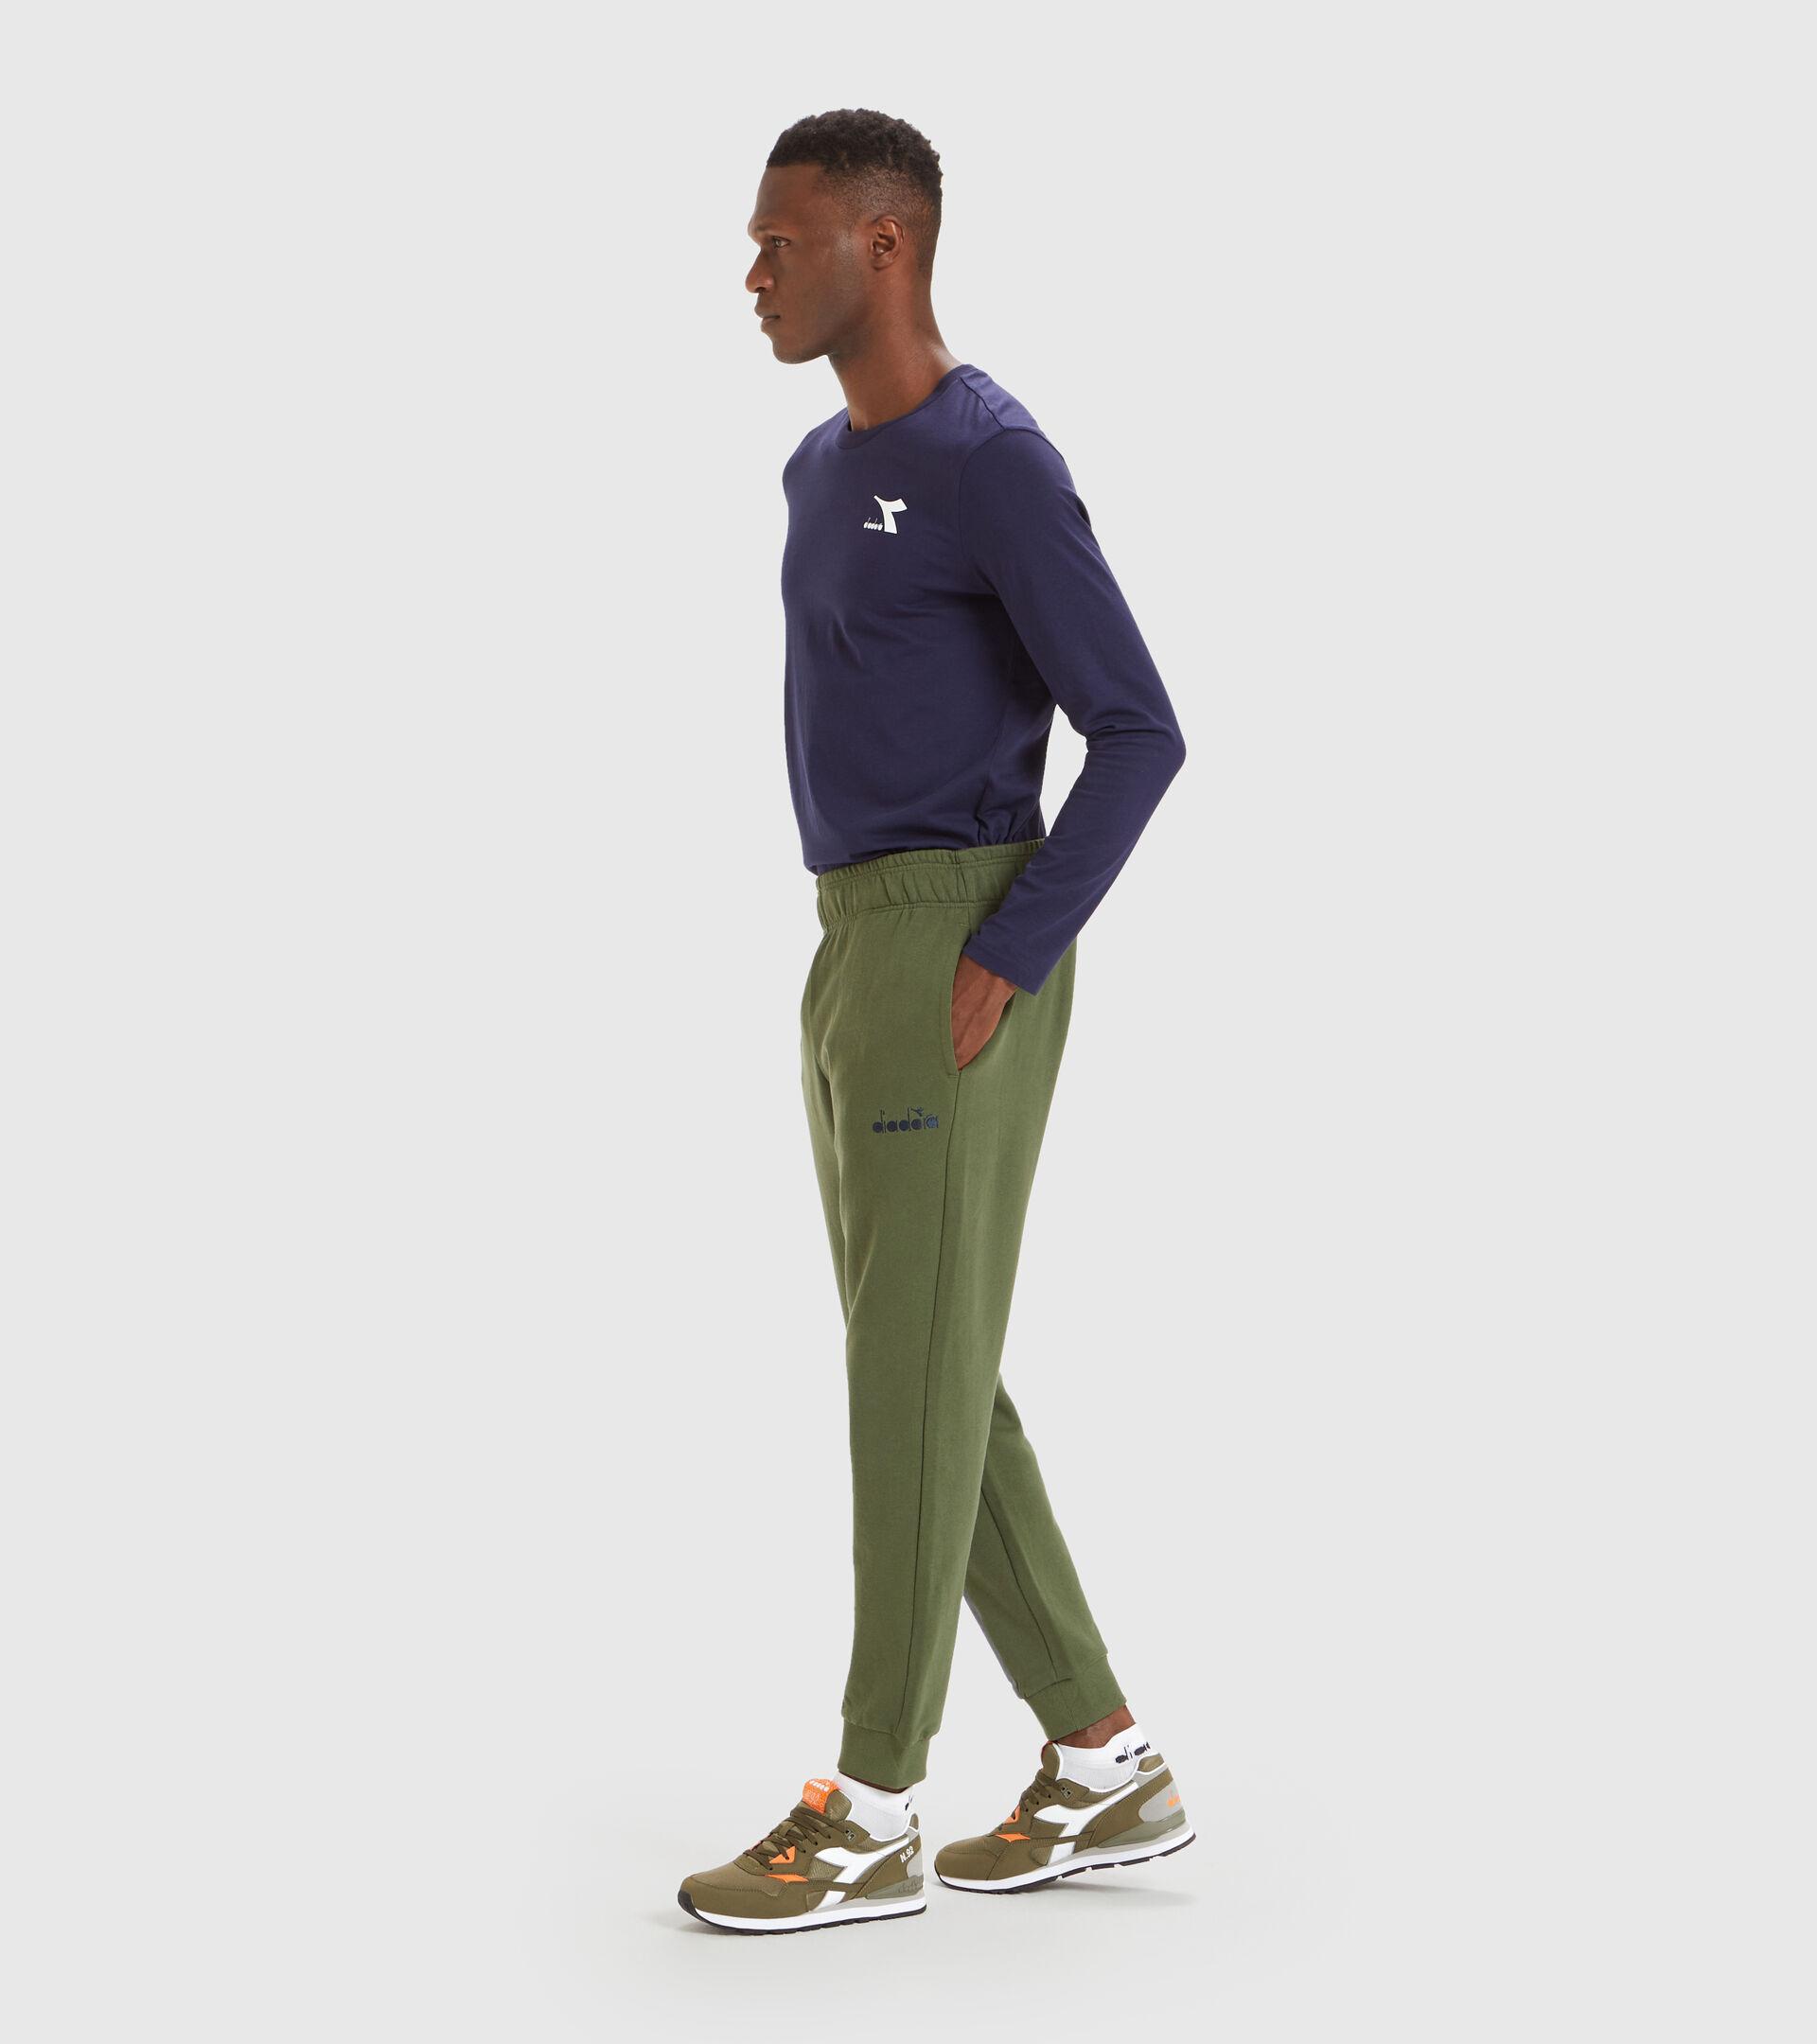 Pantalones deportivos - Unisex PANT ICON CIPRES - Diadora